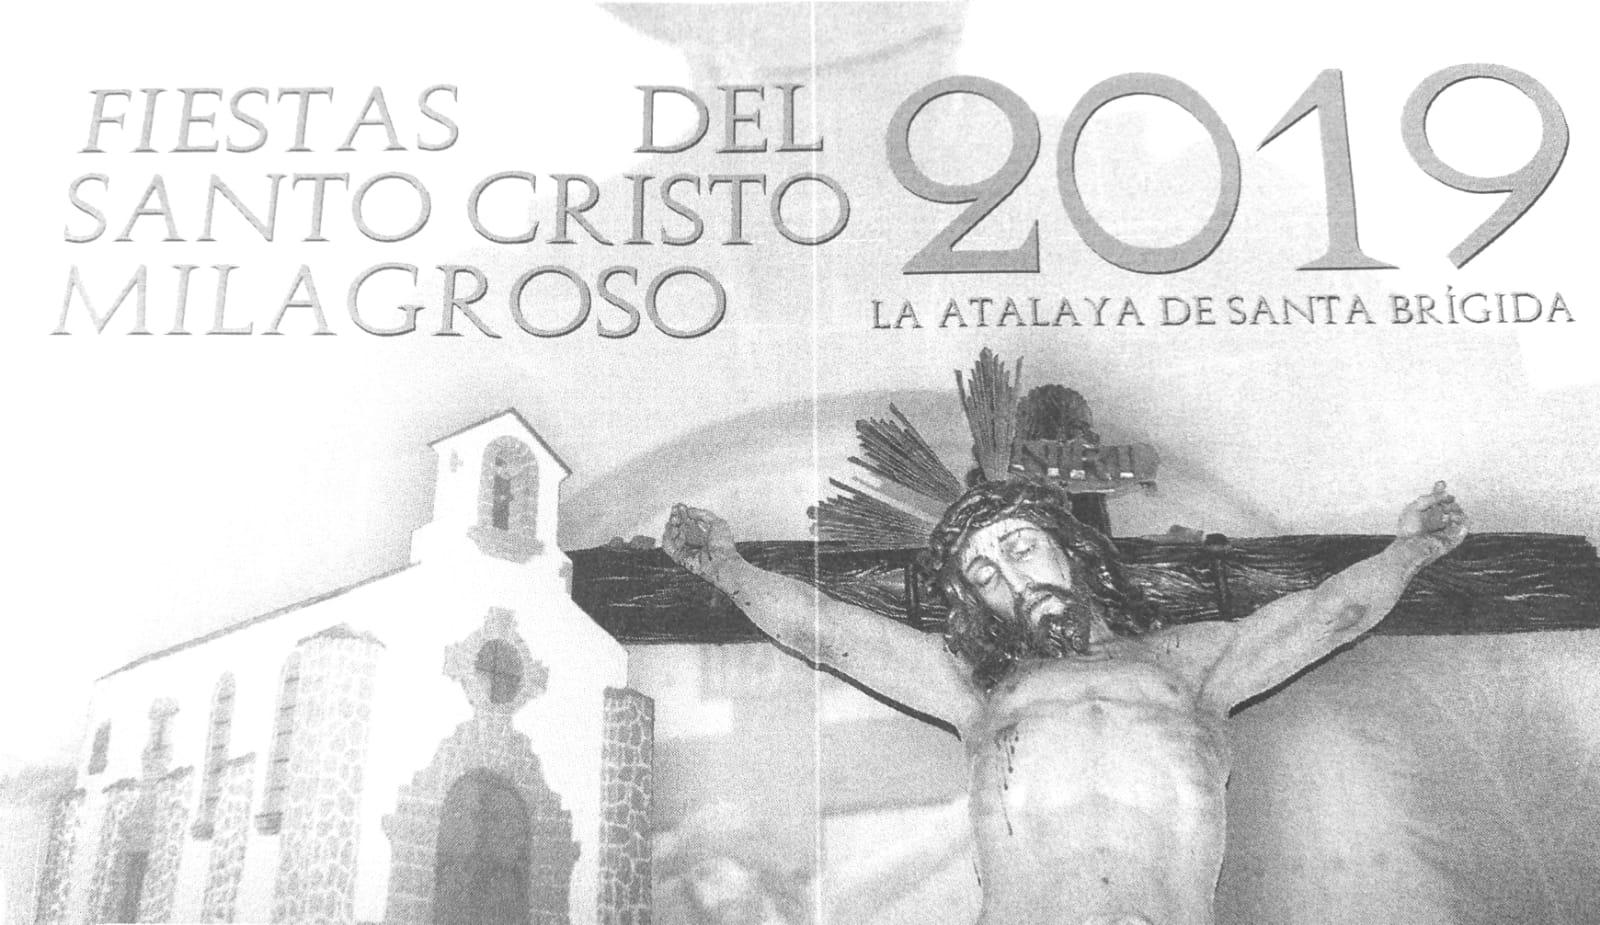 Ayuntamiento de Santa Brígida - Página oficial